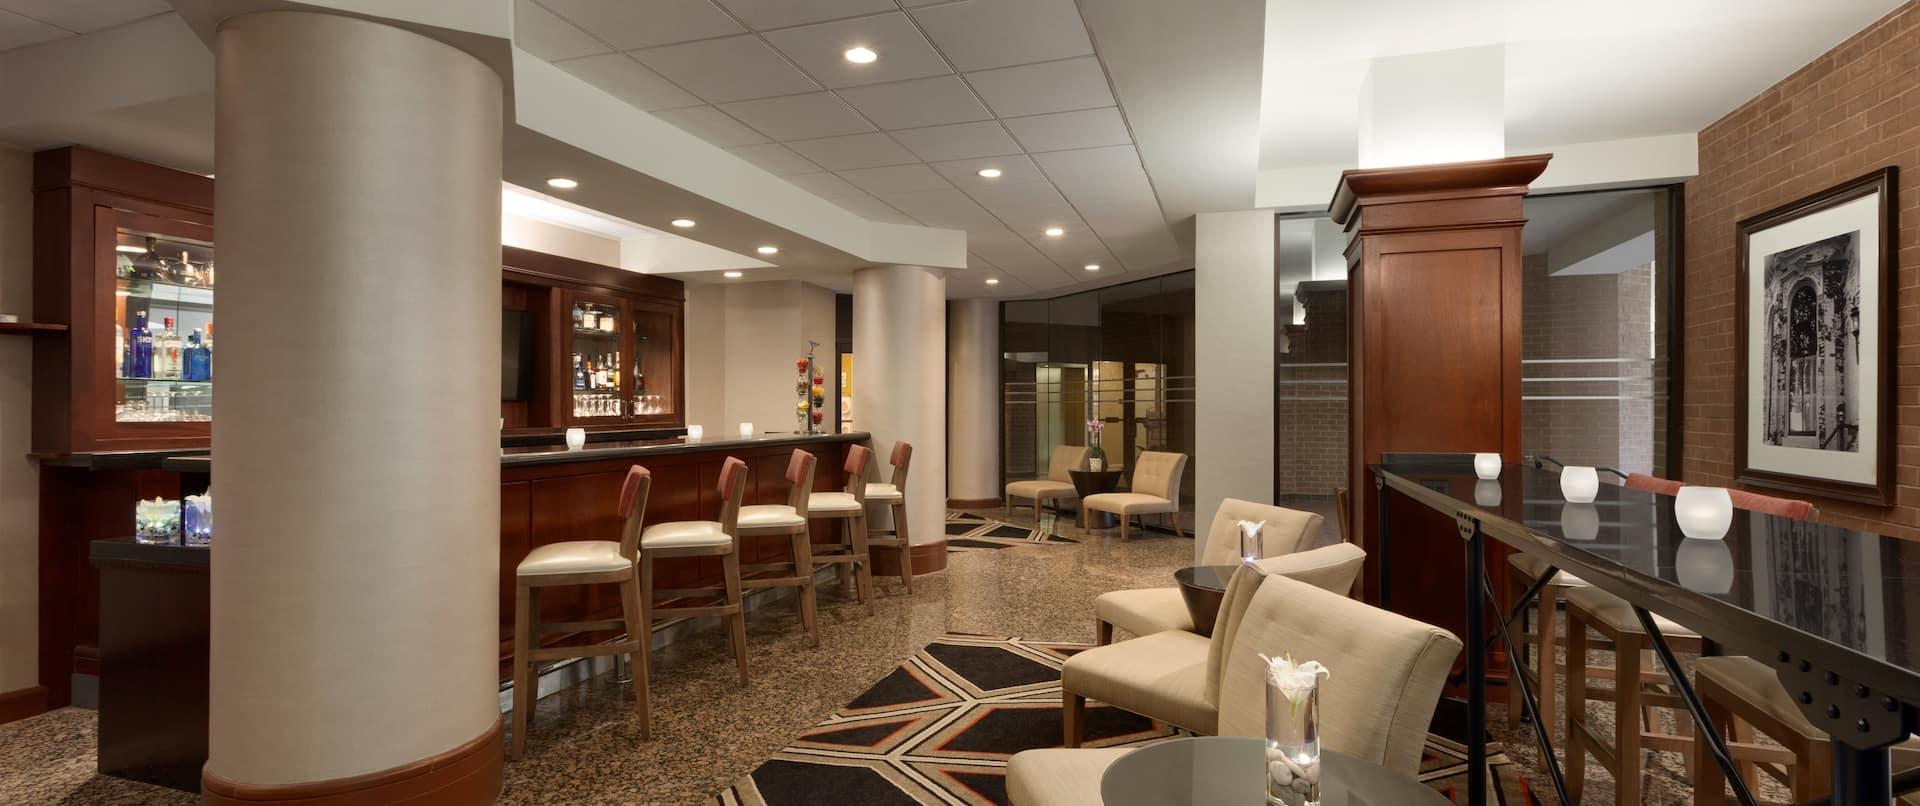 Lounge at Dan and Brad